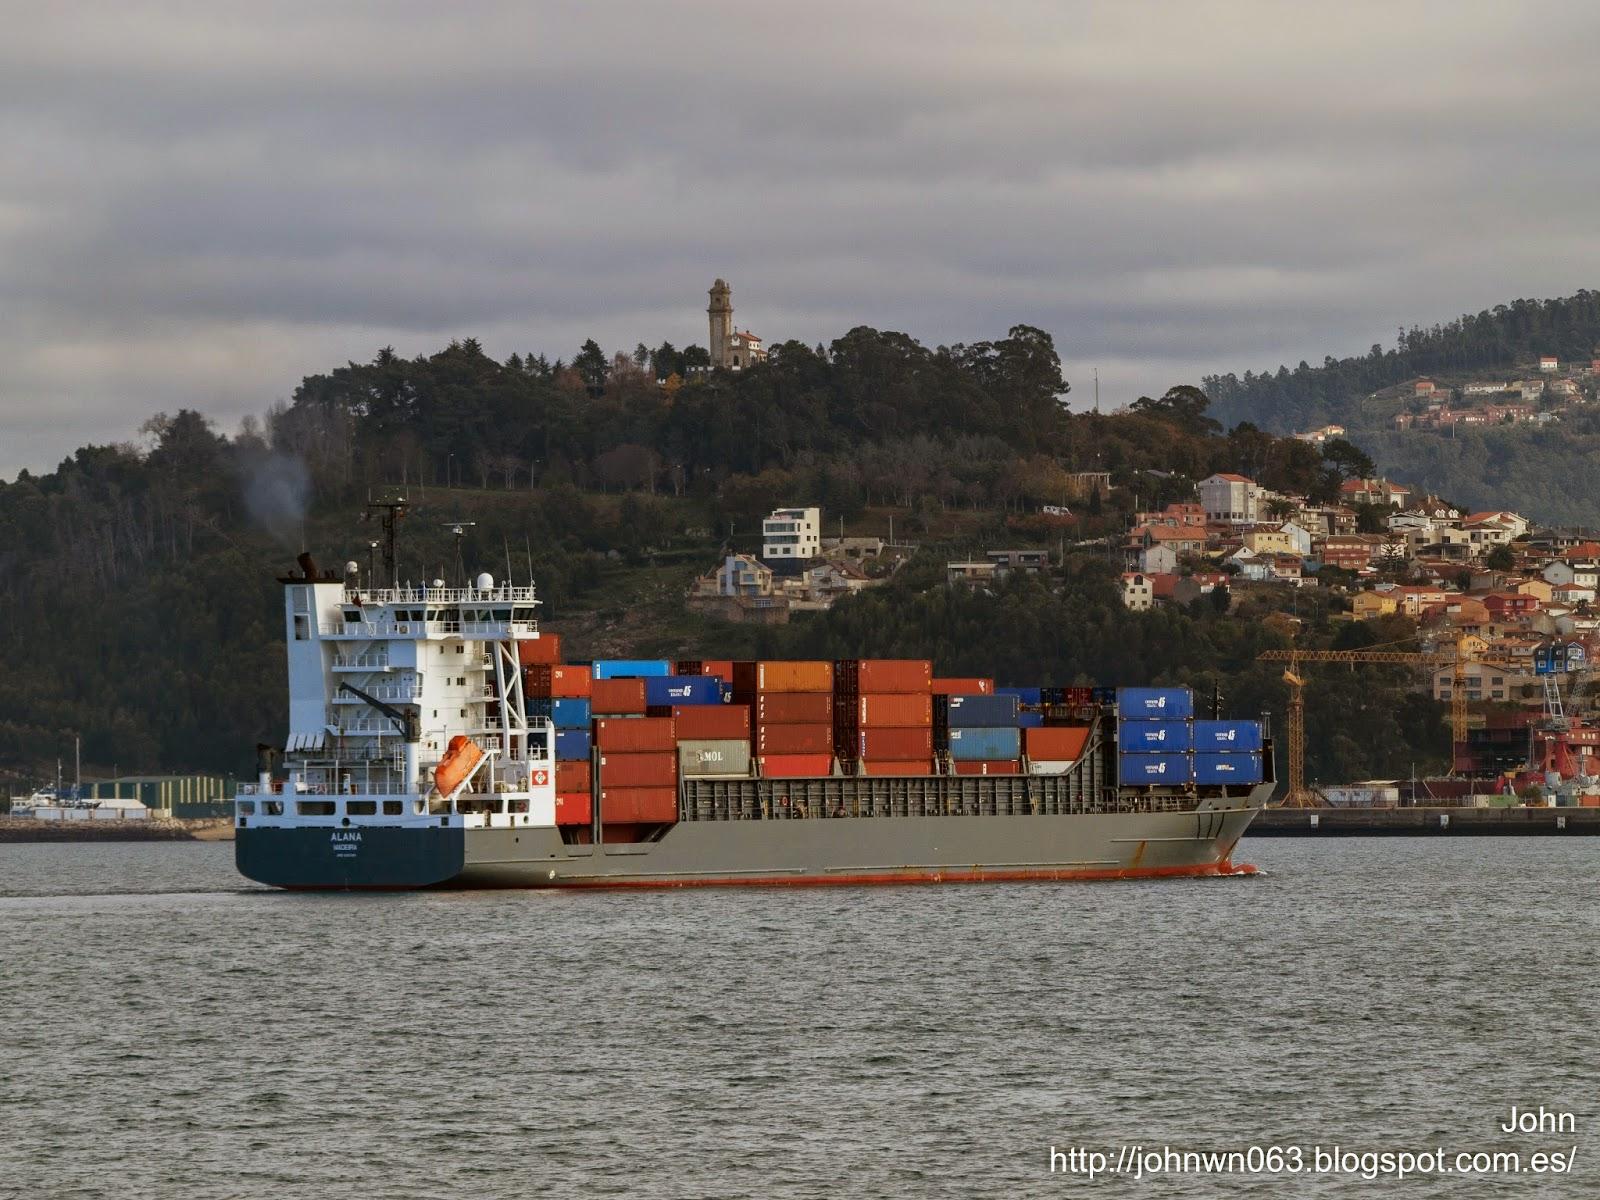 fotos de barcos, imagenes de barcos, alana, dohle schiffahrt, container ship, containero, vigo